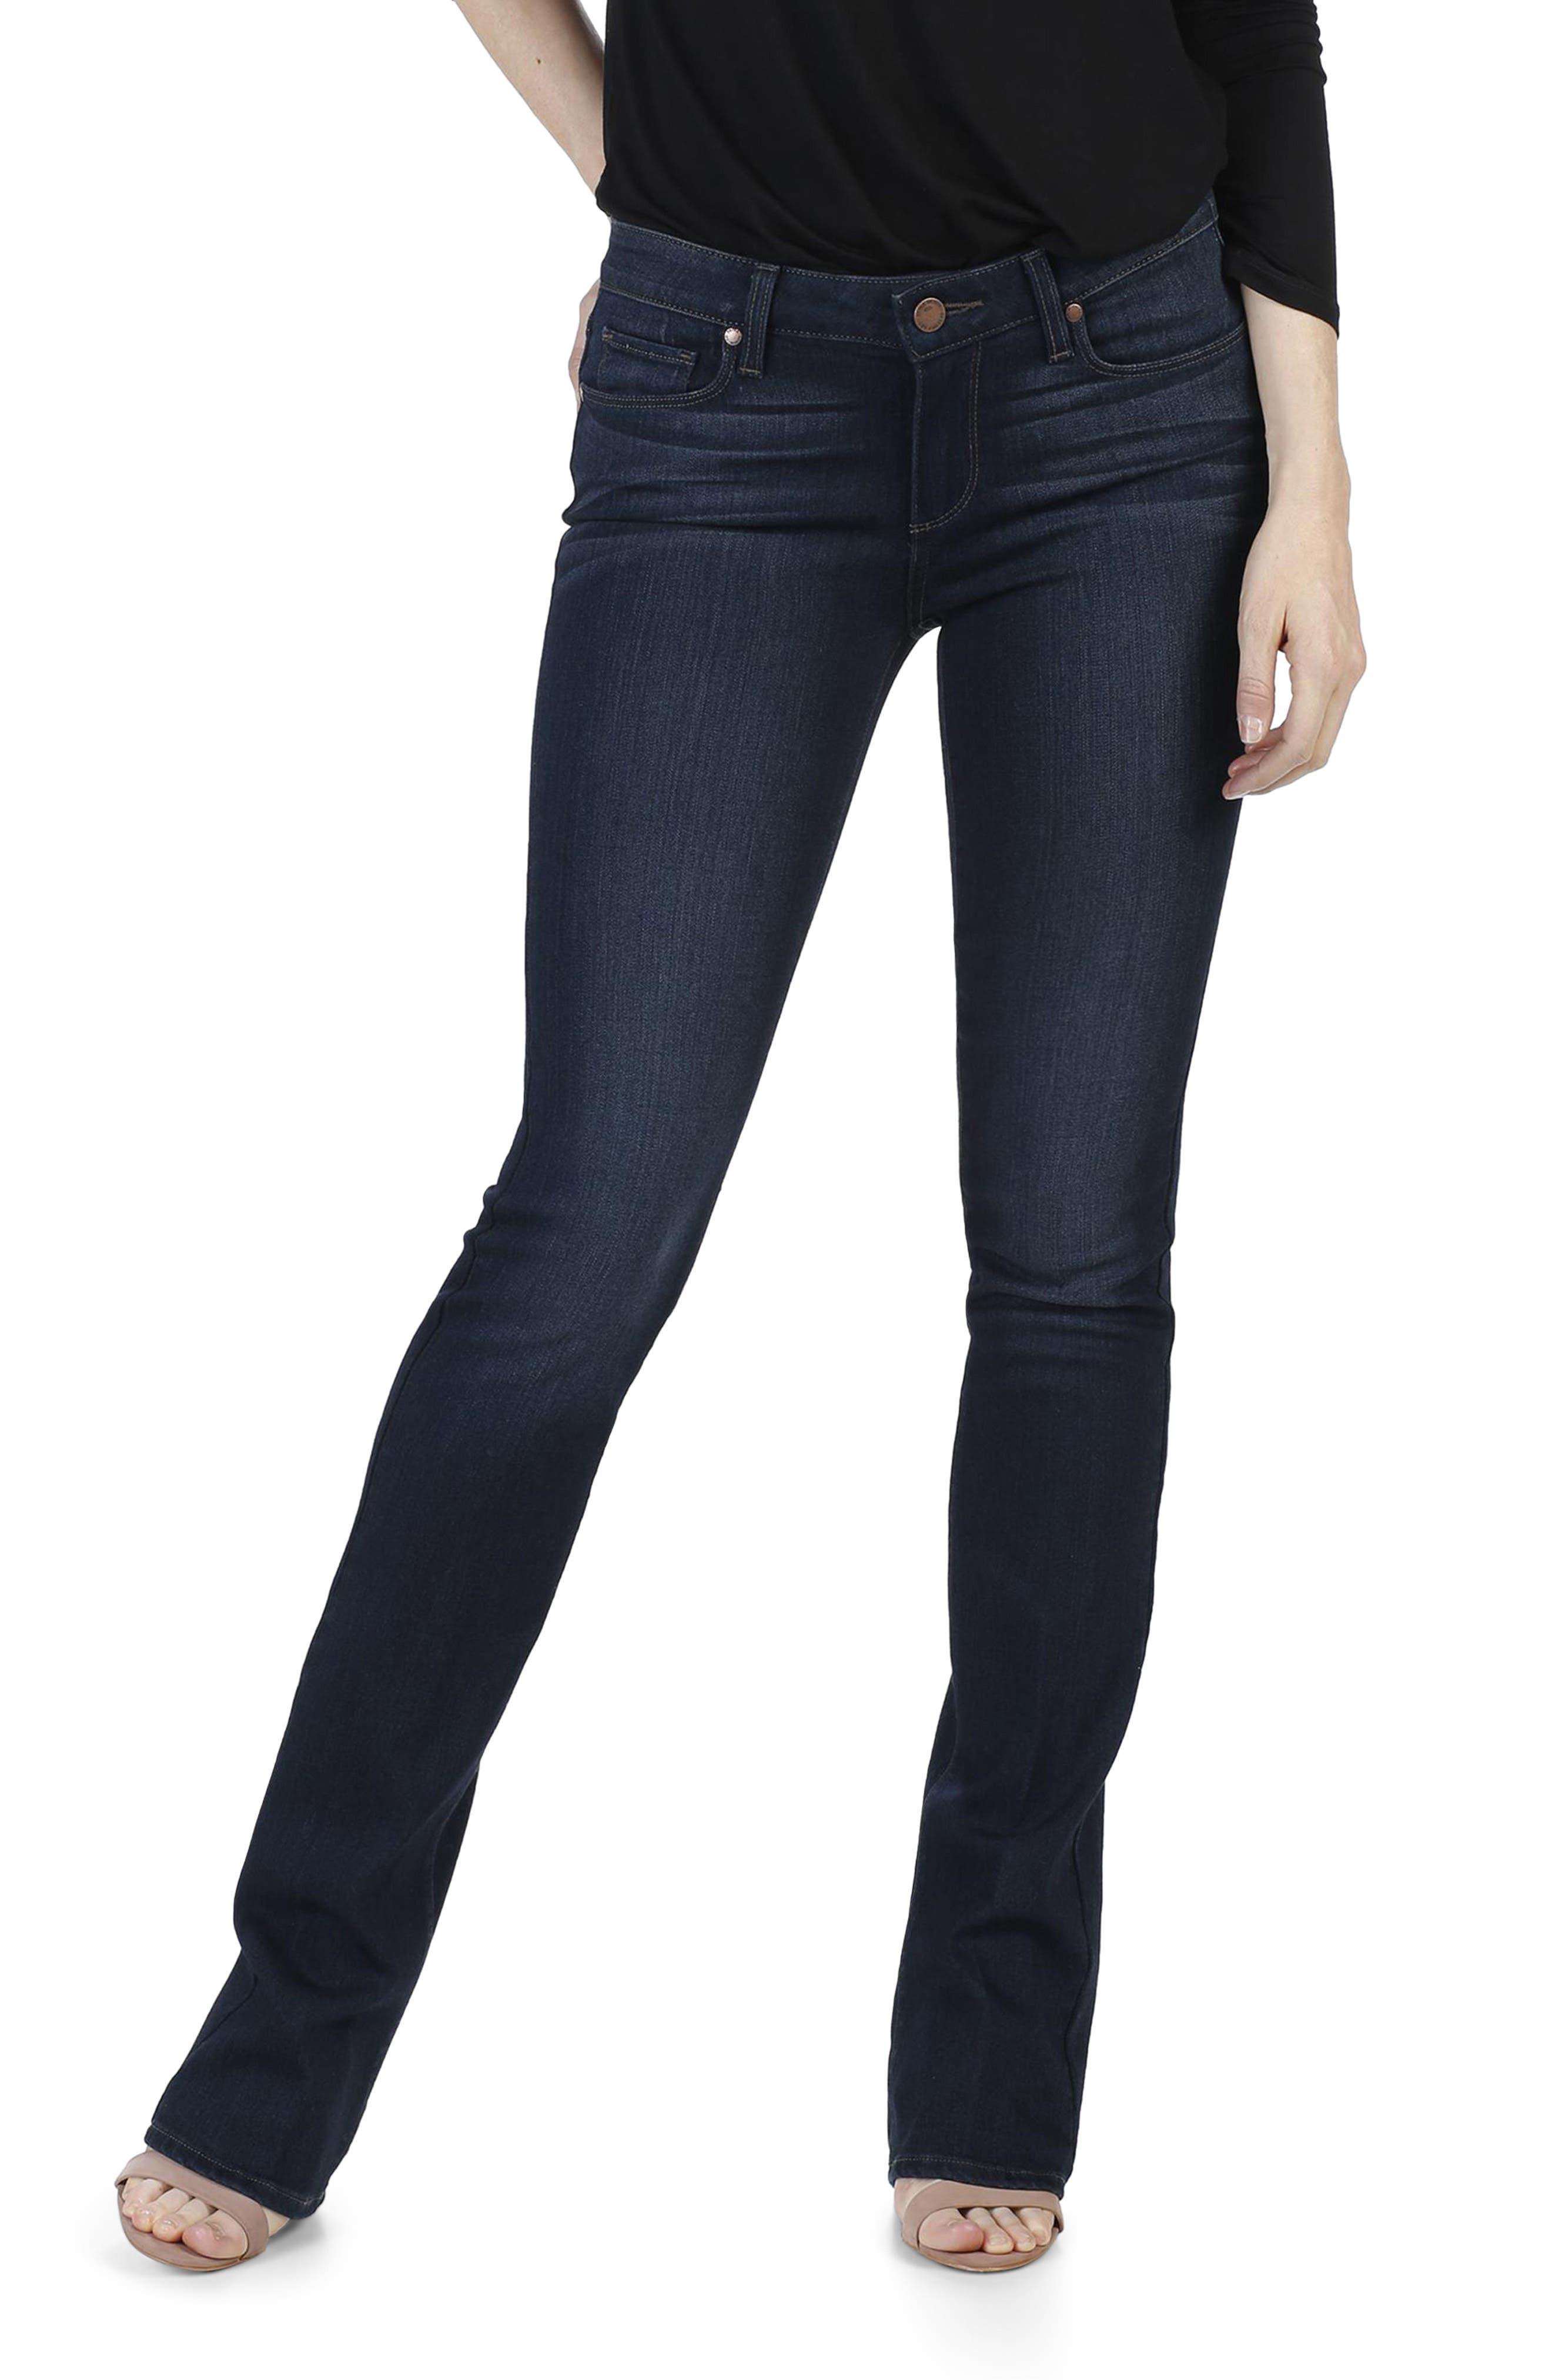 PAIGE Transcend - Manhattan Bootcut Jeans (Elsie)